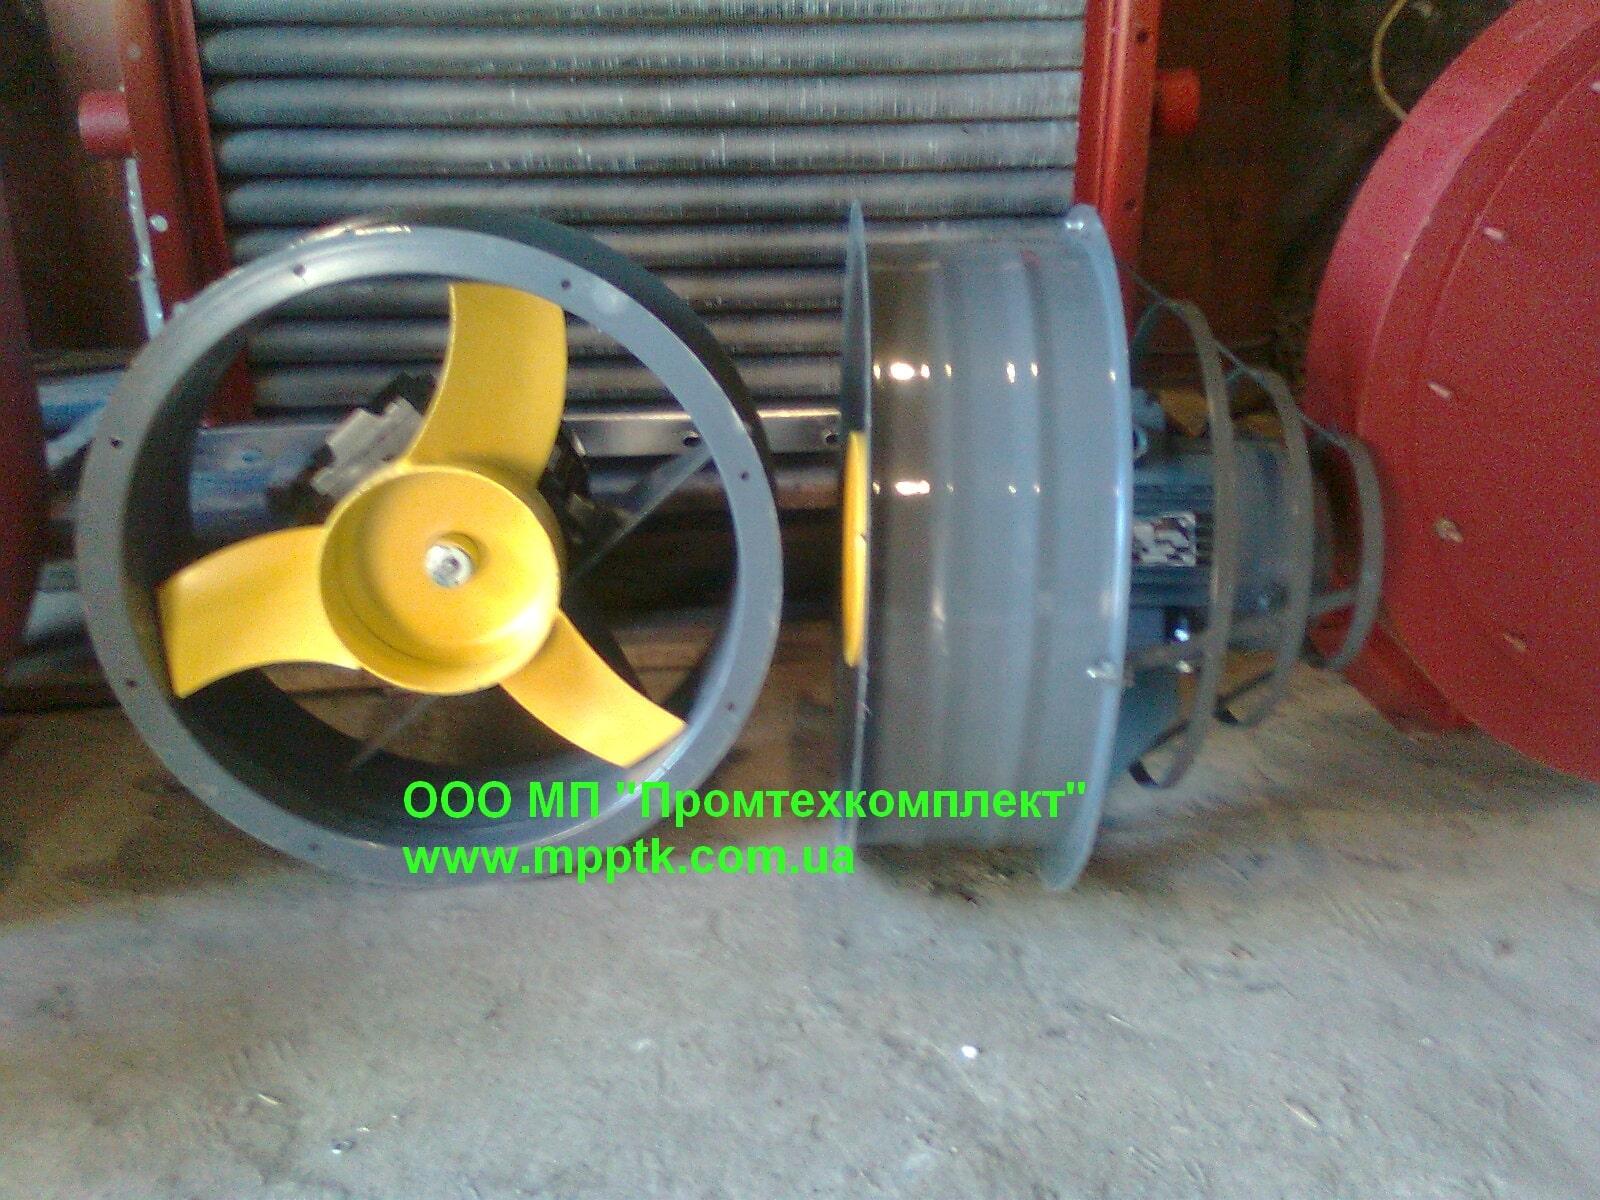 Вентилятор осевой низкая цена высокое качество Промтехкомплект